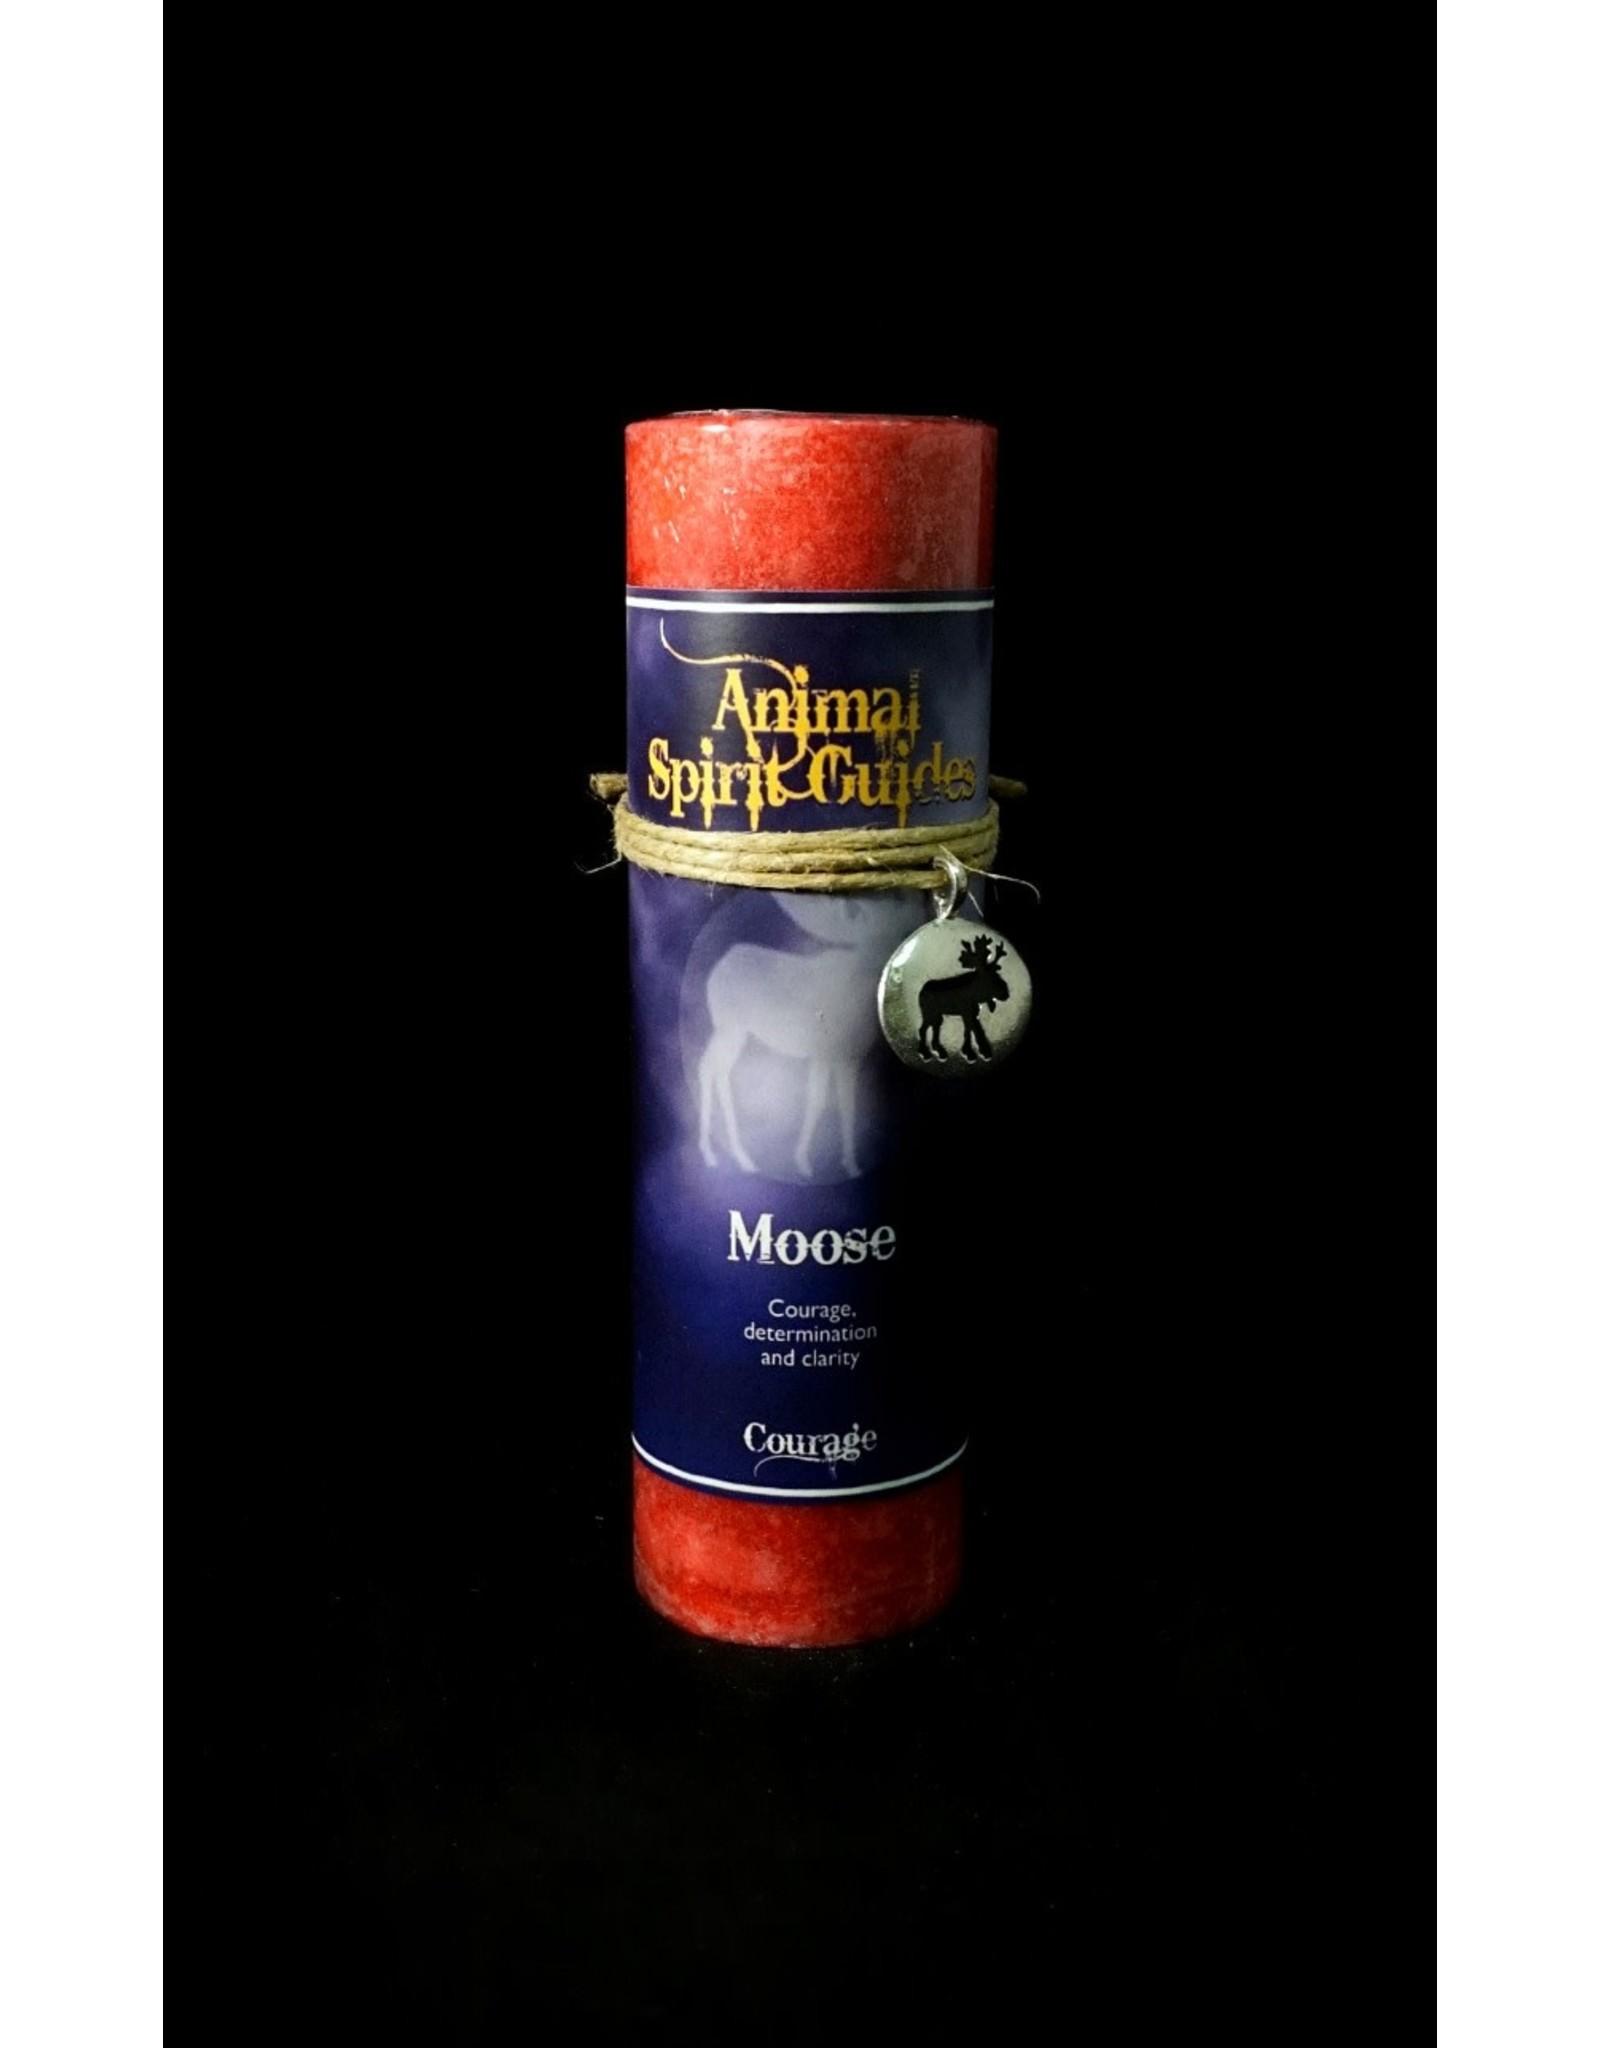 Animal Spirit Guide Pewter Pendant Candle - Moose